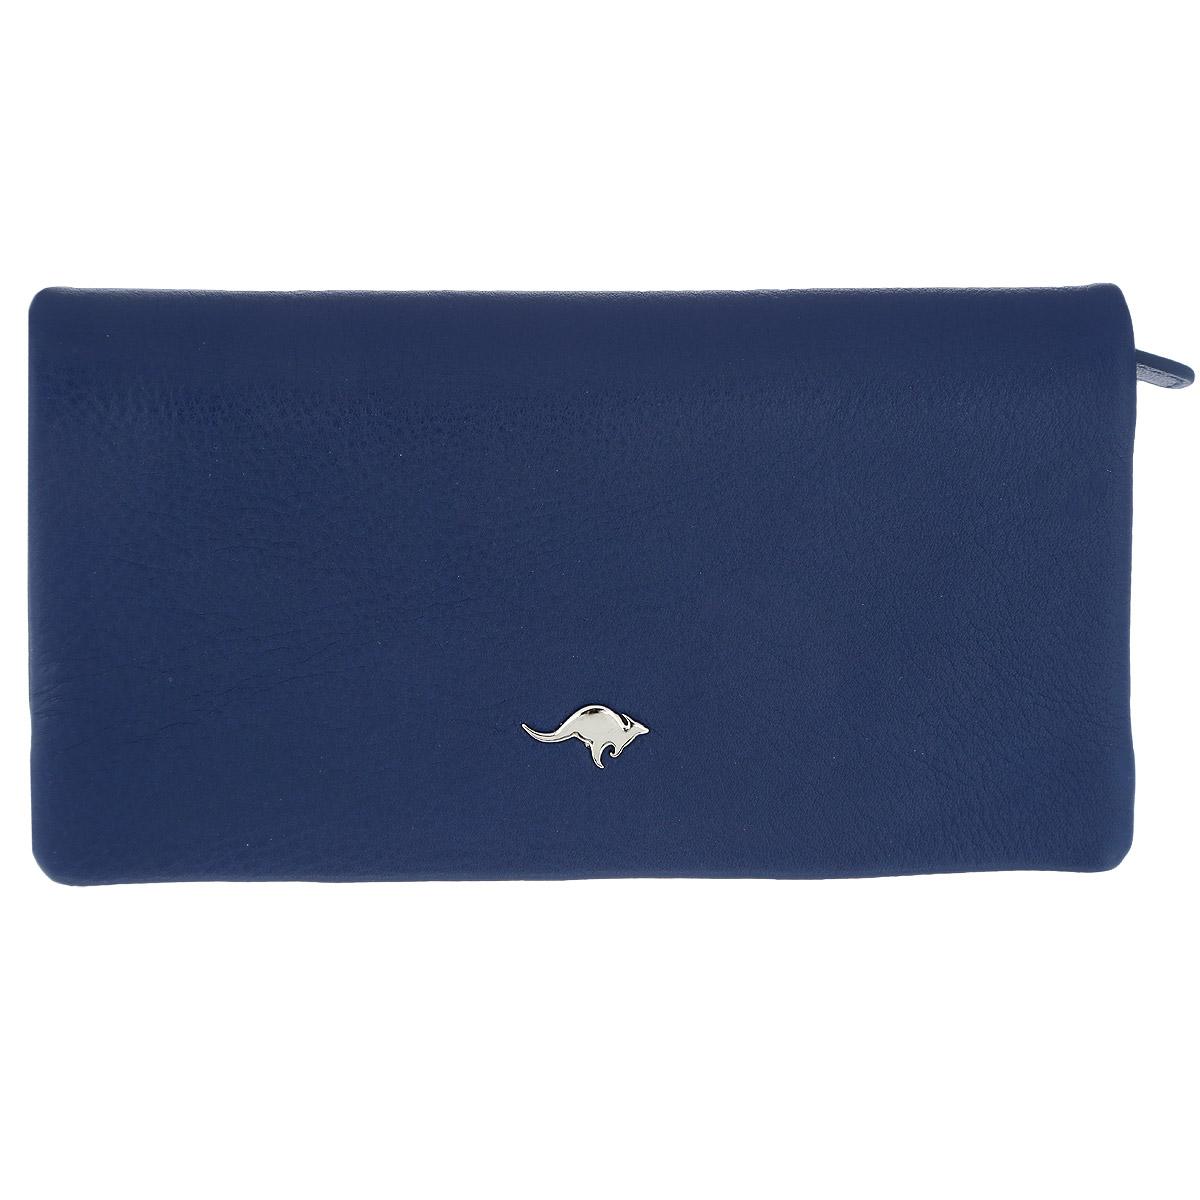 Портмоне-клатч Cangurione, цвет: синий. 2196-015 A/Blue2196-015 A/Blue